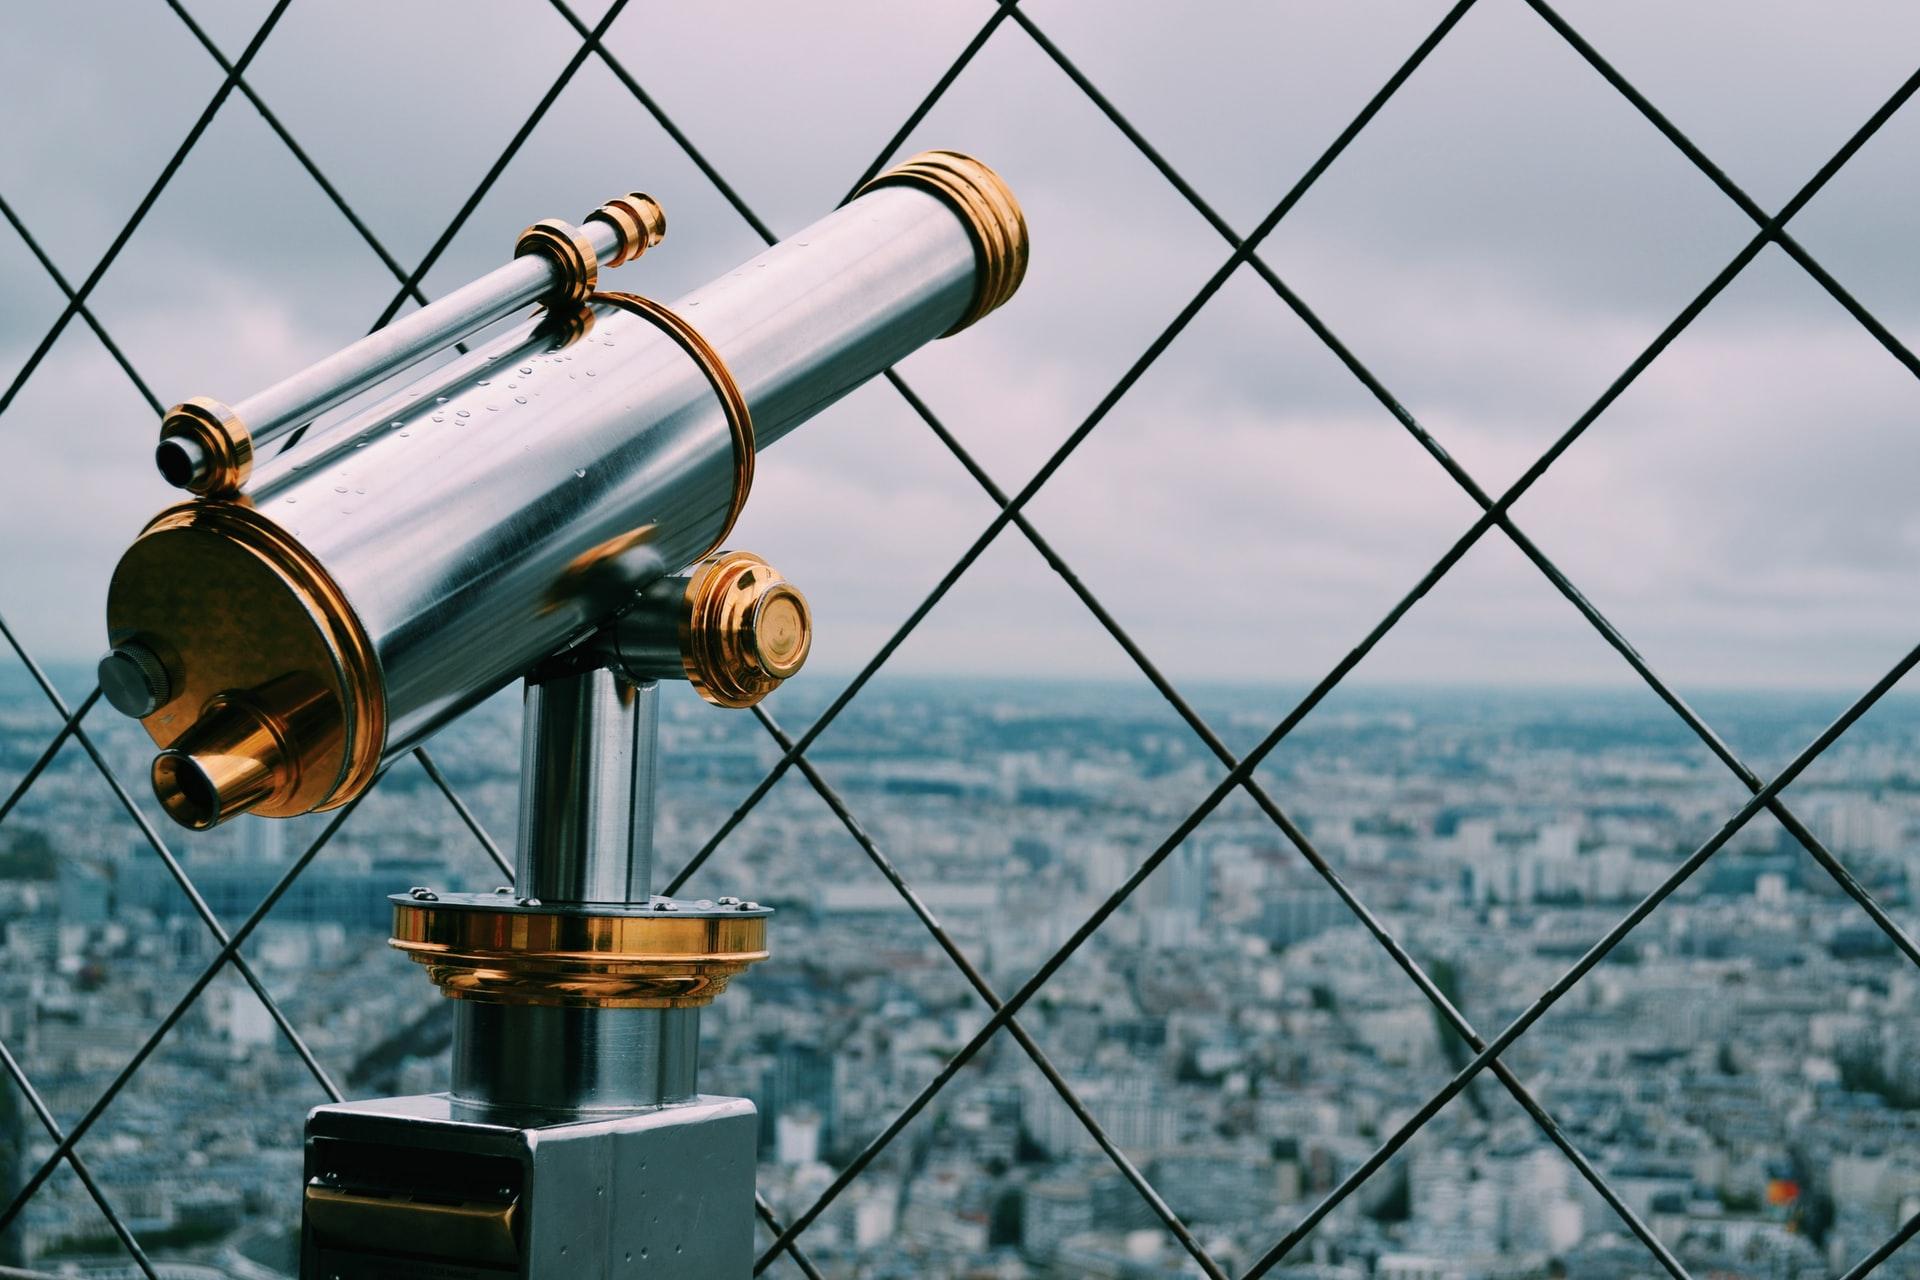 telescope purpose why focus